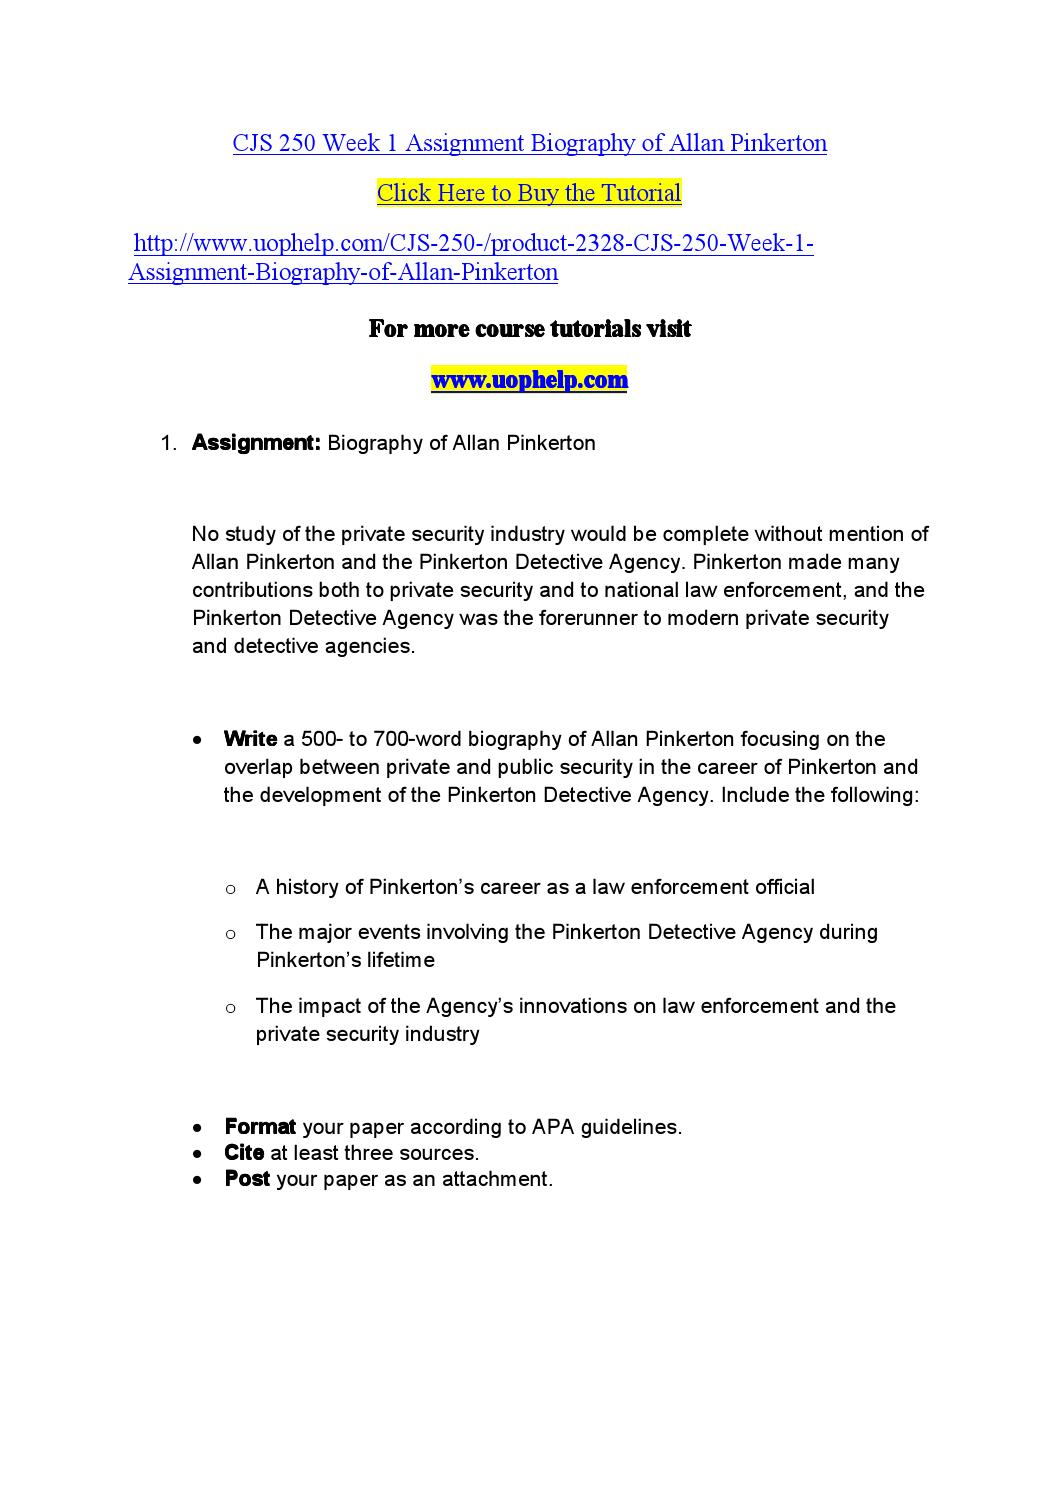 cjs 250 appendix d Appendix c - first supplemental report appendix d - second supplemental  report appendix e - justice mcewen's endorsement dated.